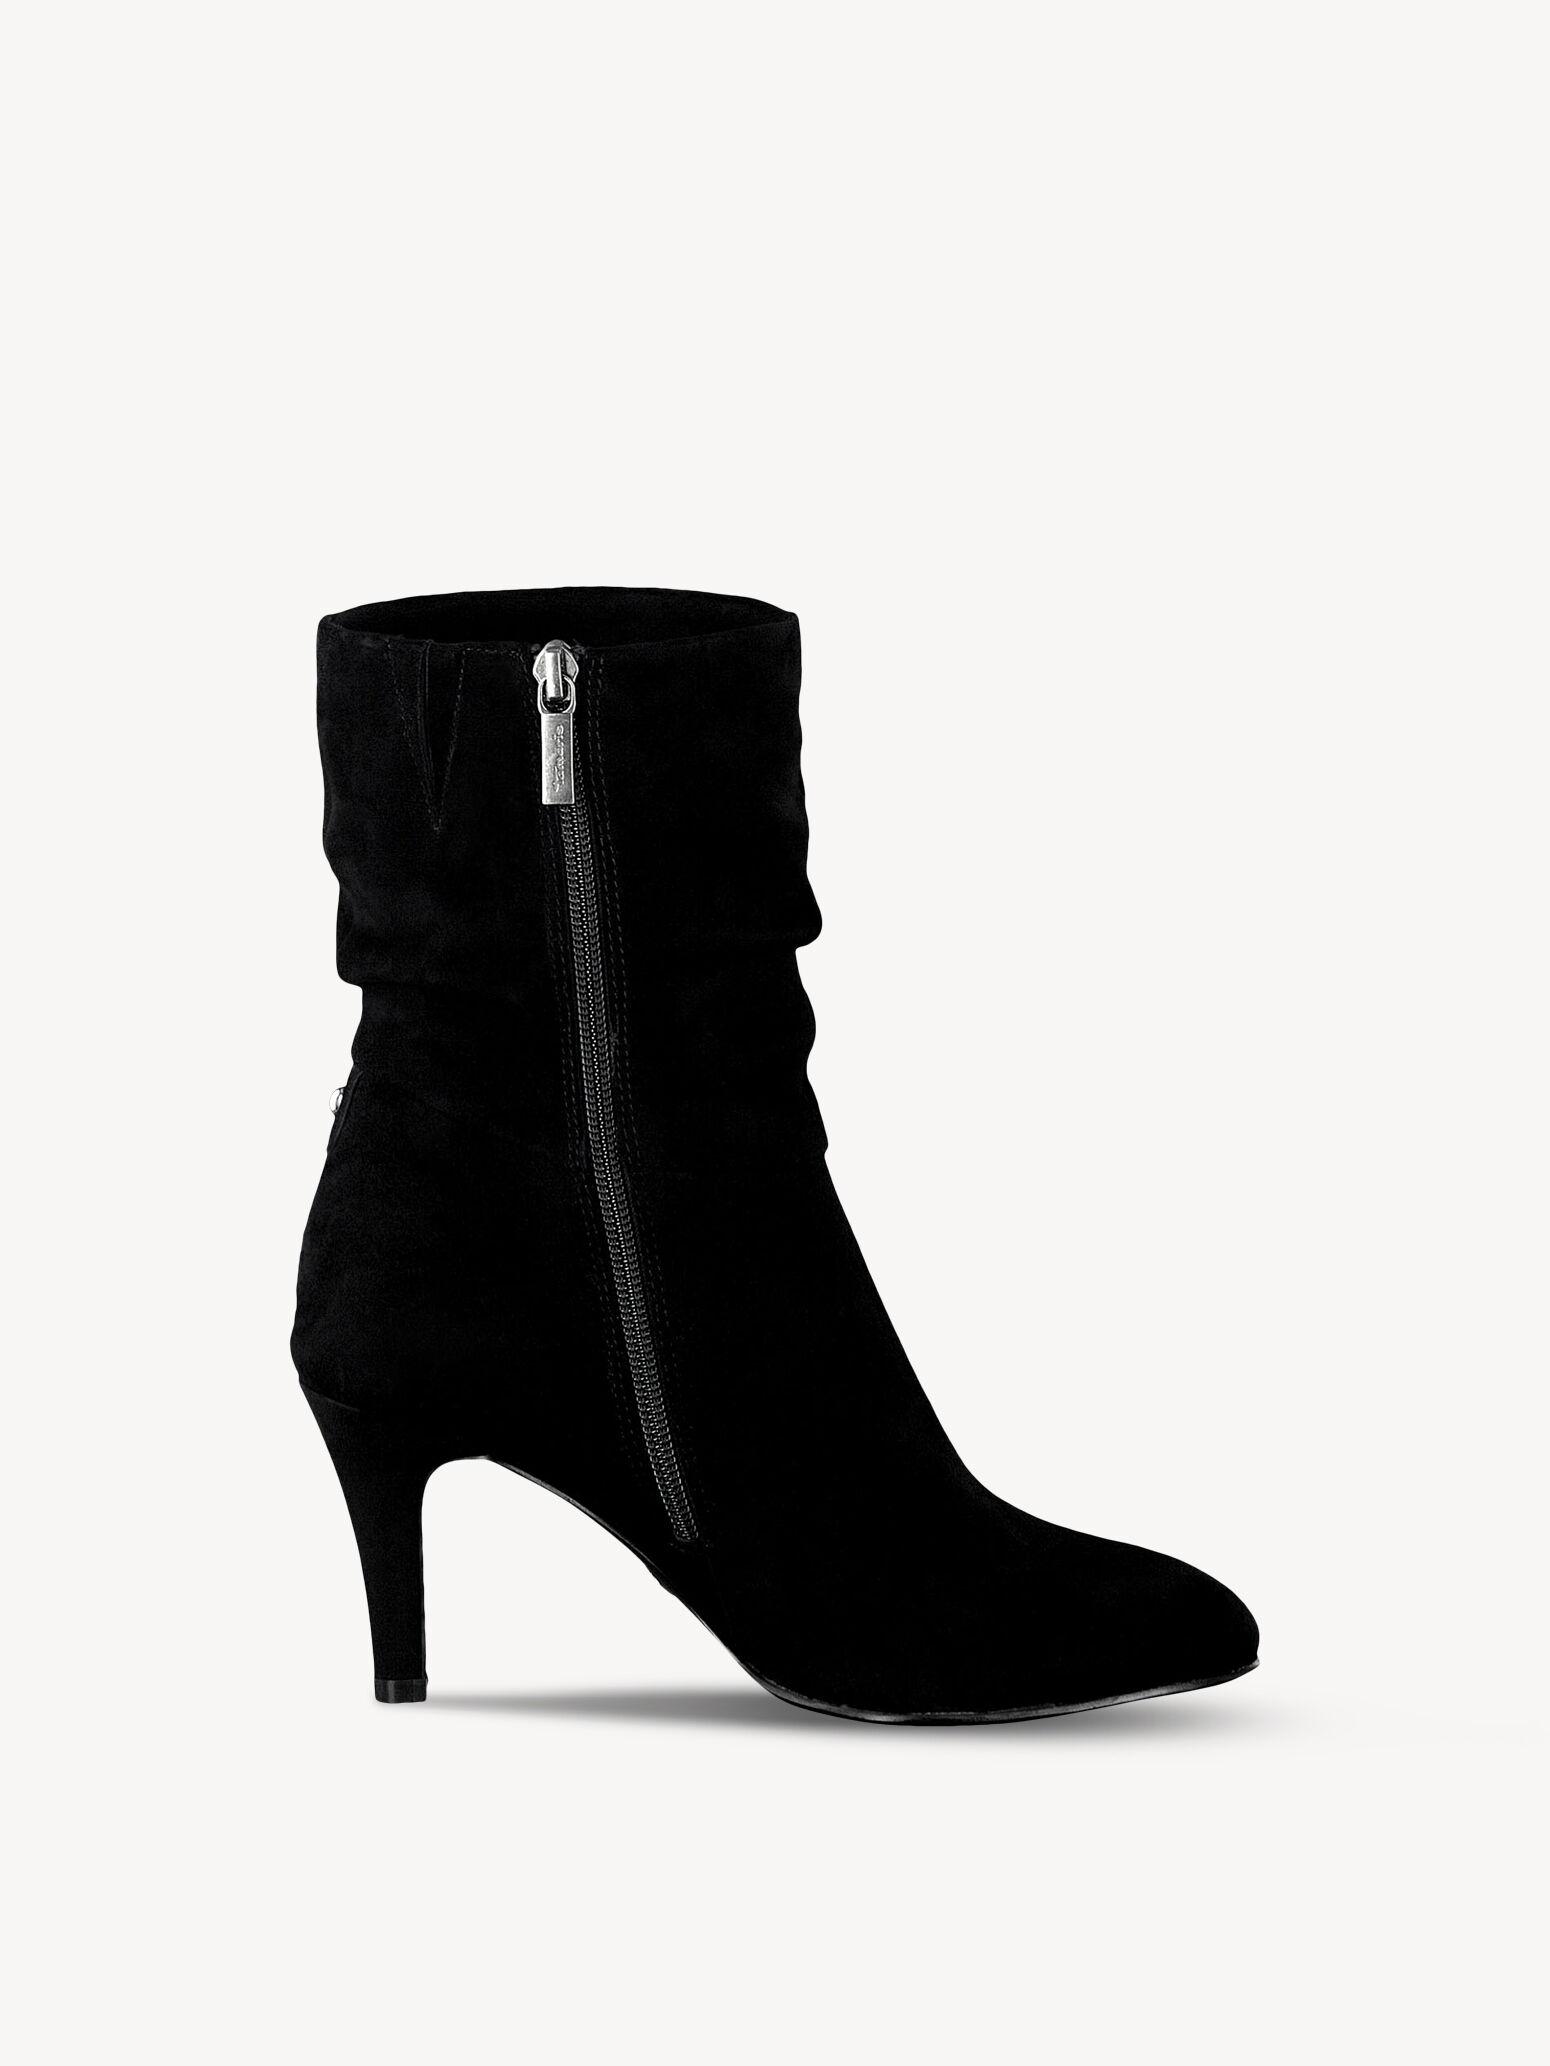 Ausgezeichnet Marcel Ostertag x Tamaris Stiefel High Heel